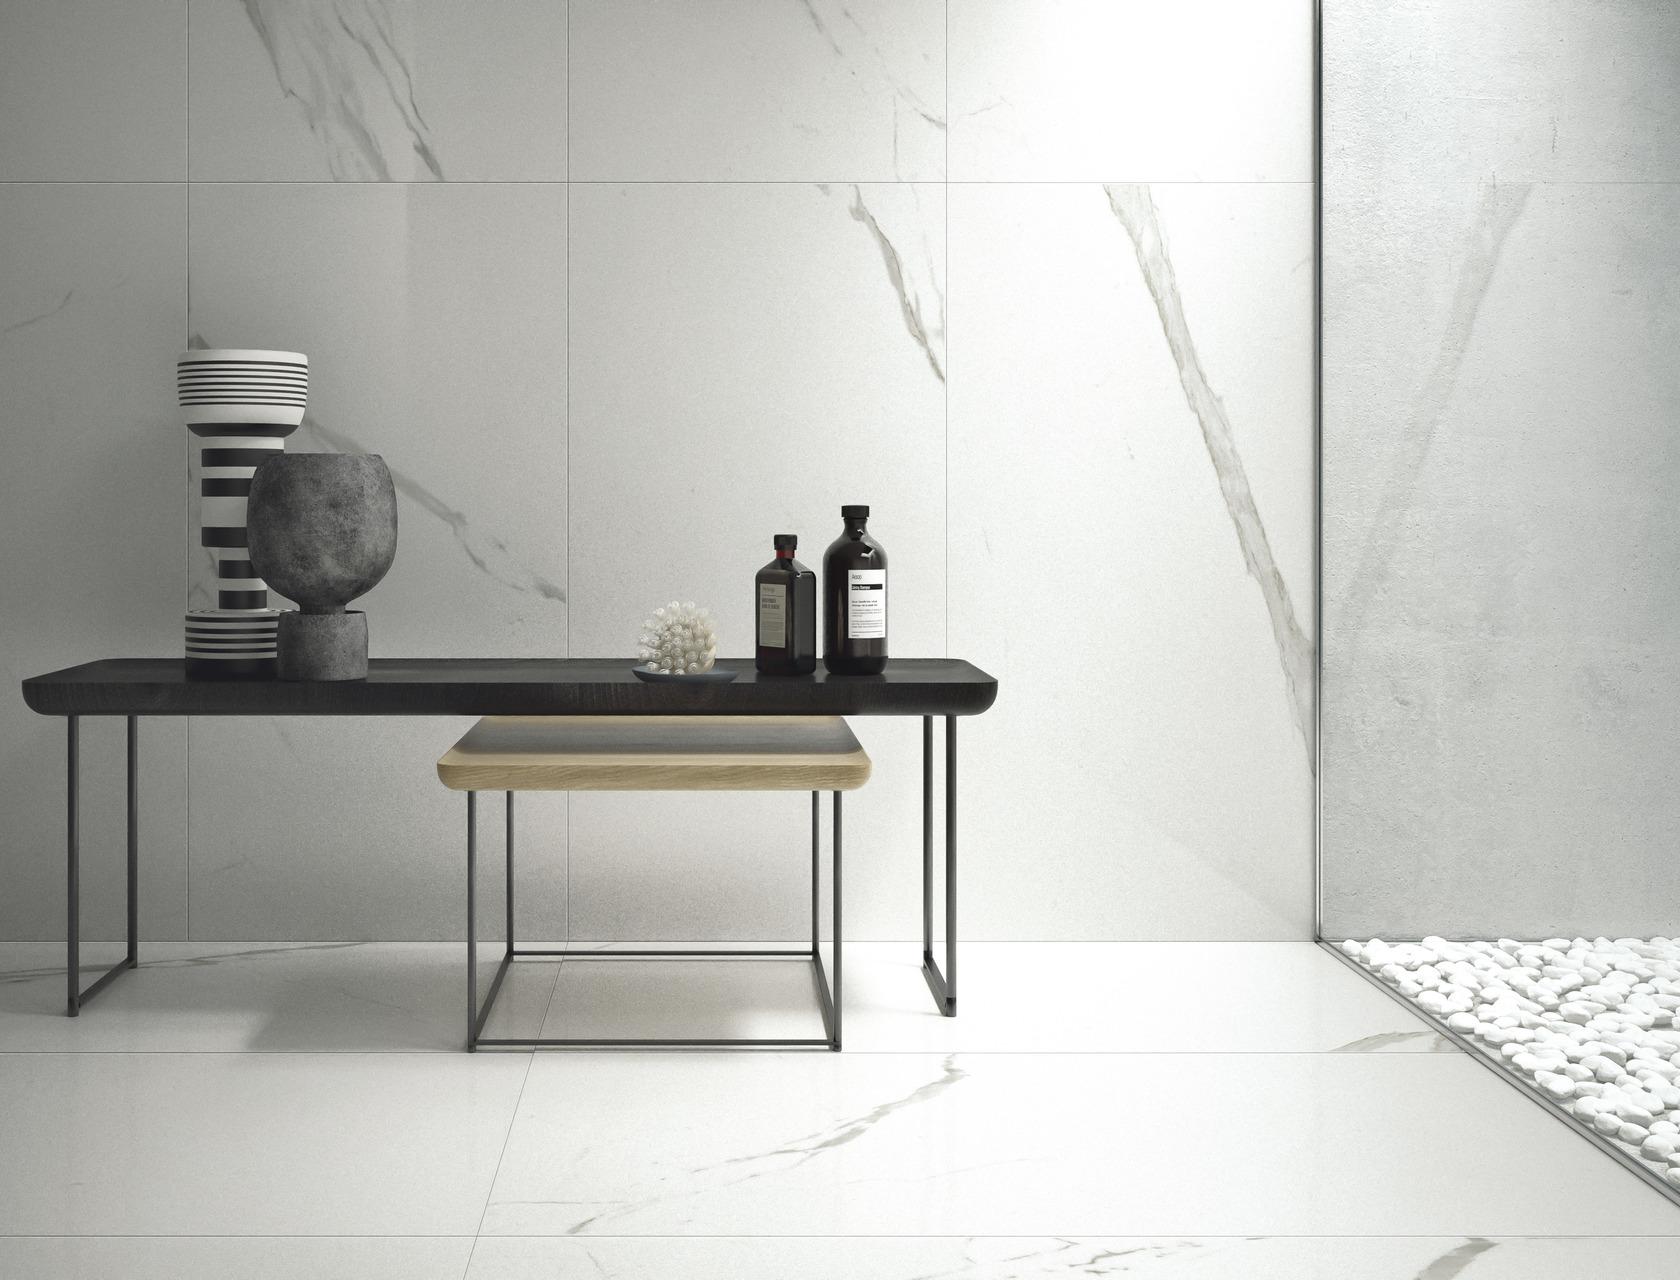 Piastrelle in gres porcellanato bianco statuario classico marmi classici - Piastrelle gres porcellanato effetto marmo ...